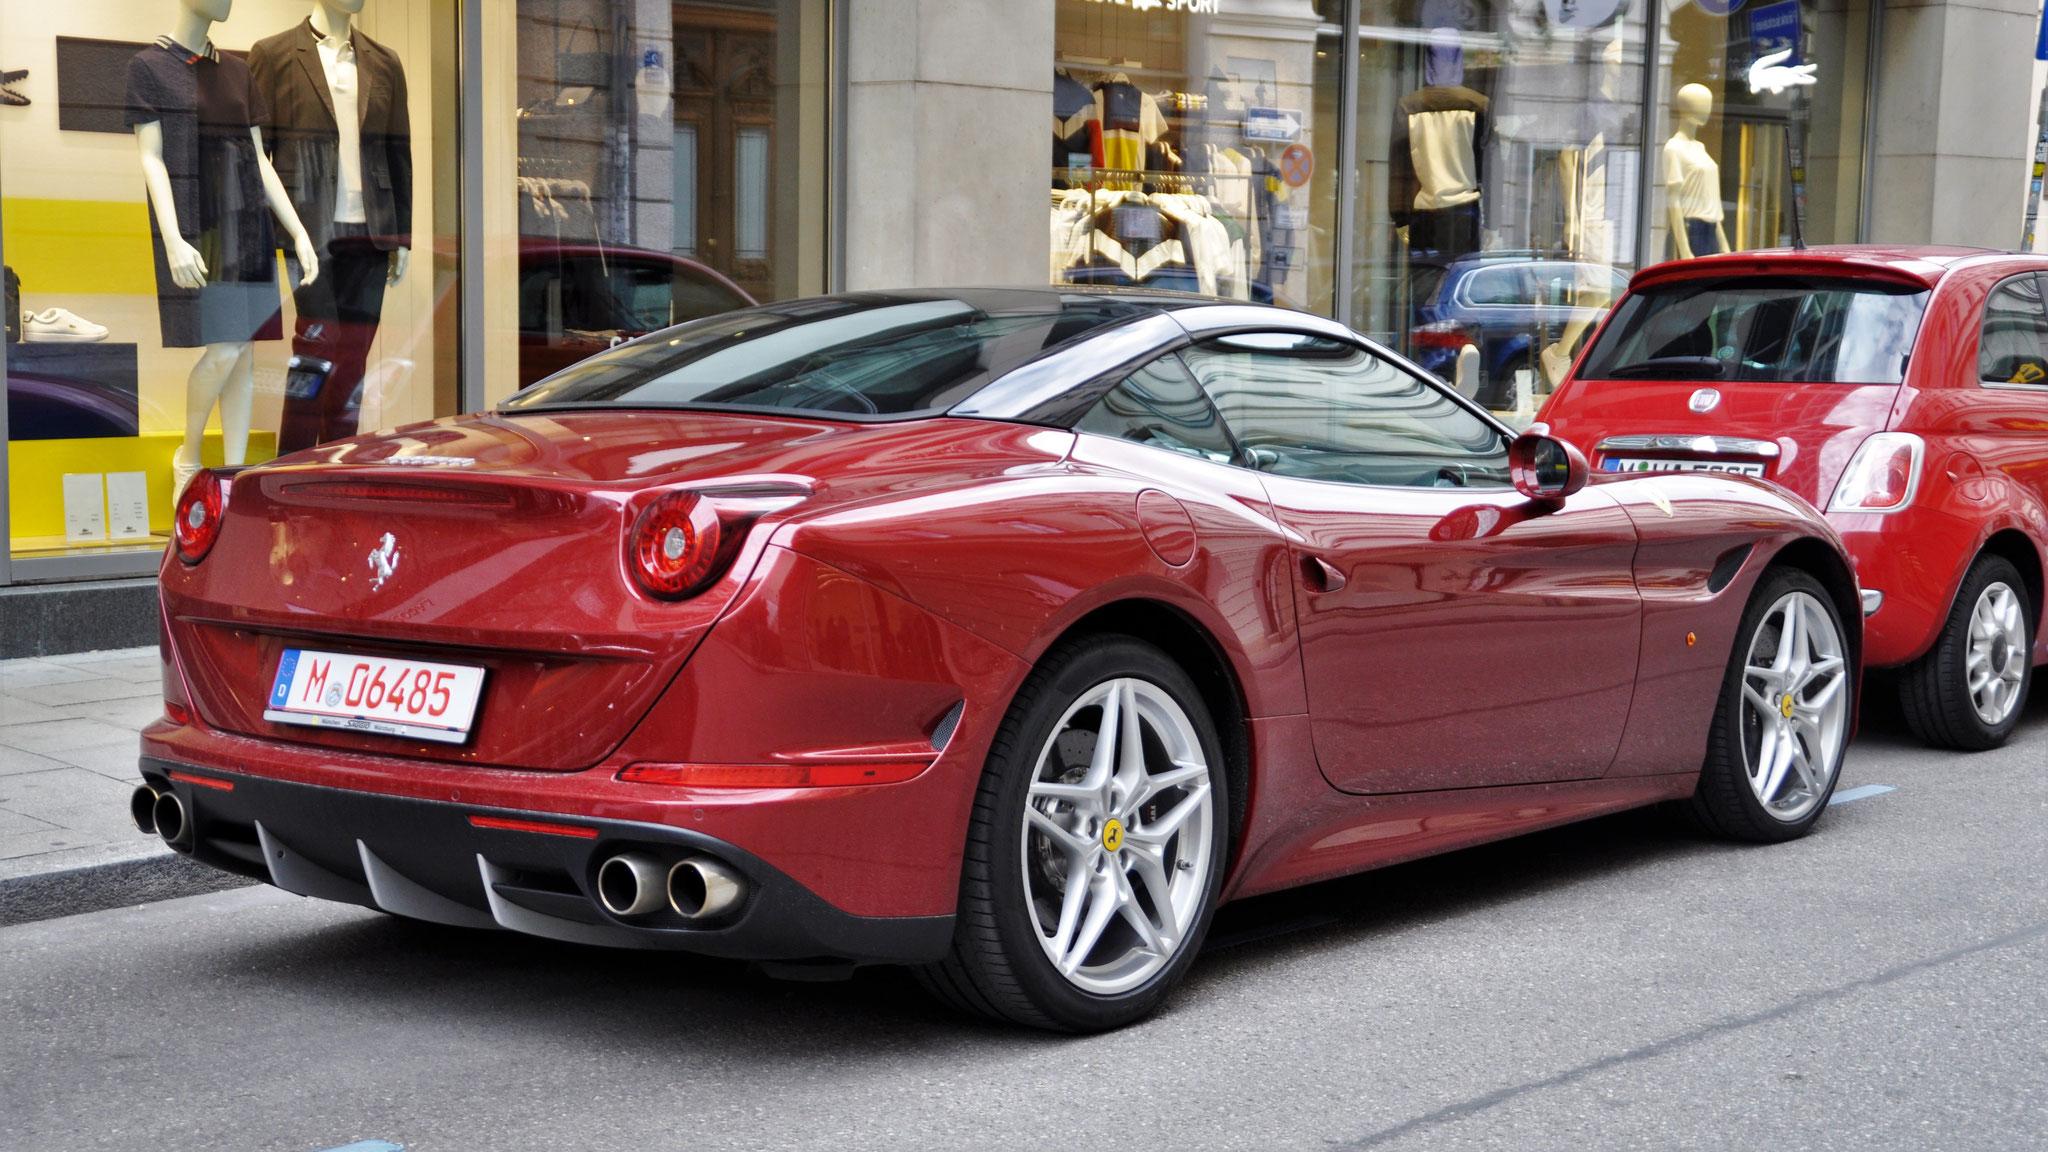 Ferrari California T - M-06485